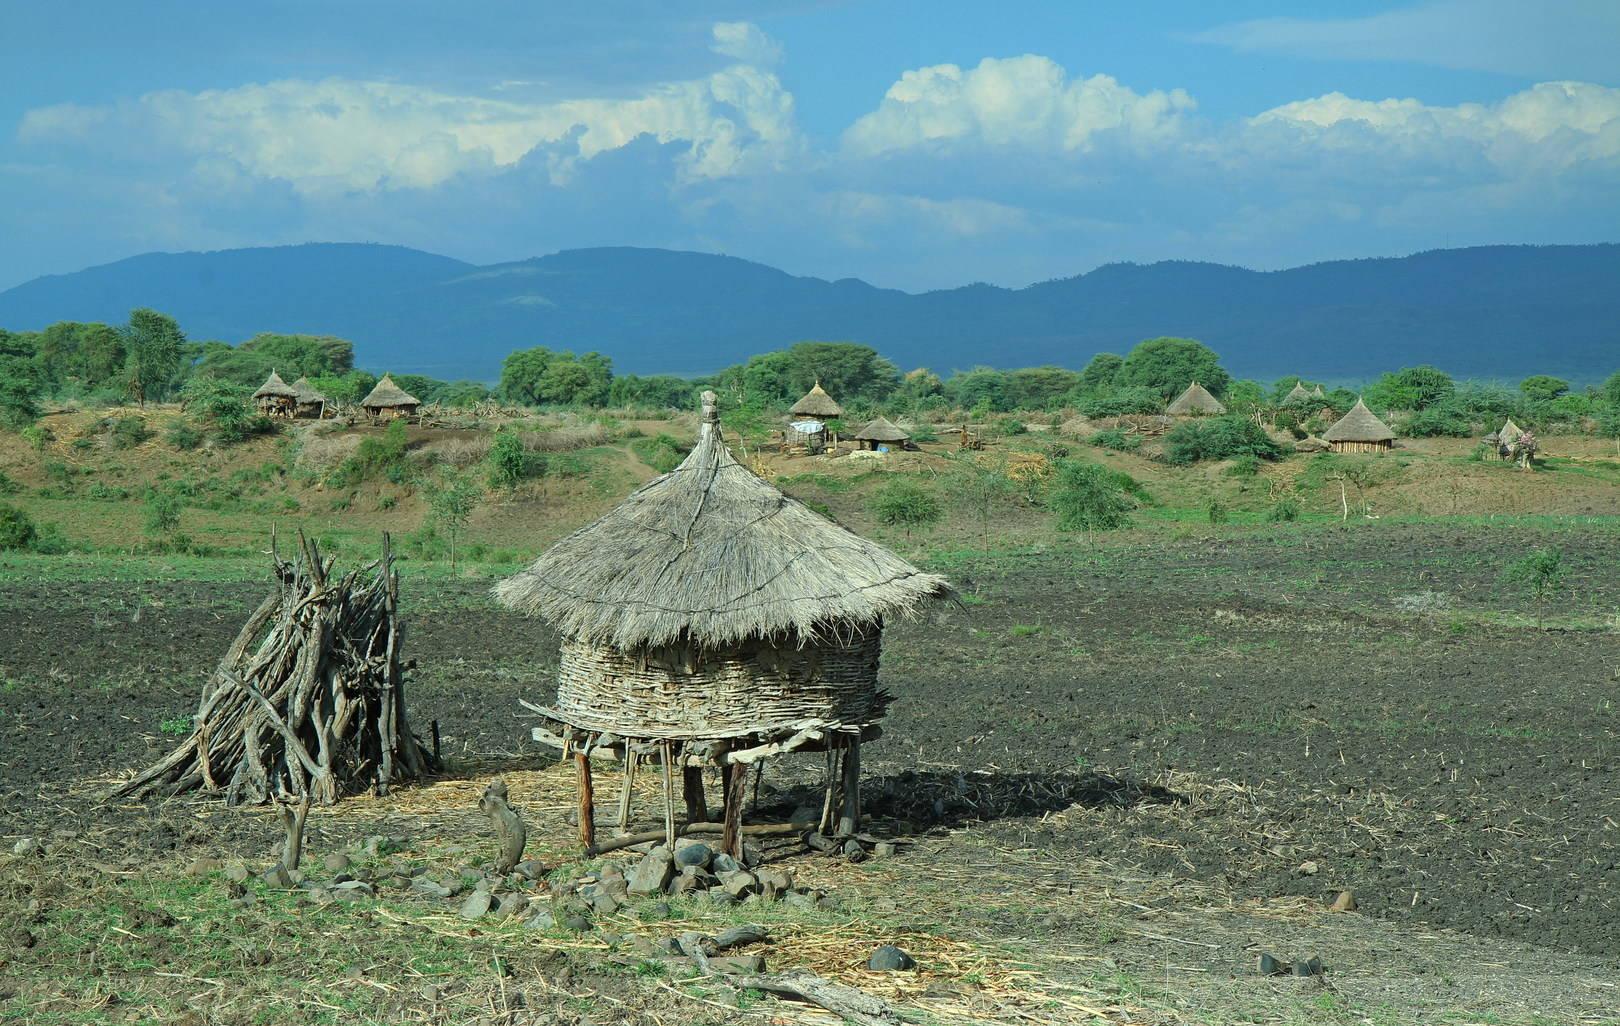 Эфиопия - страна невероятных пейзажей